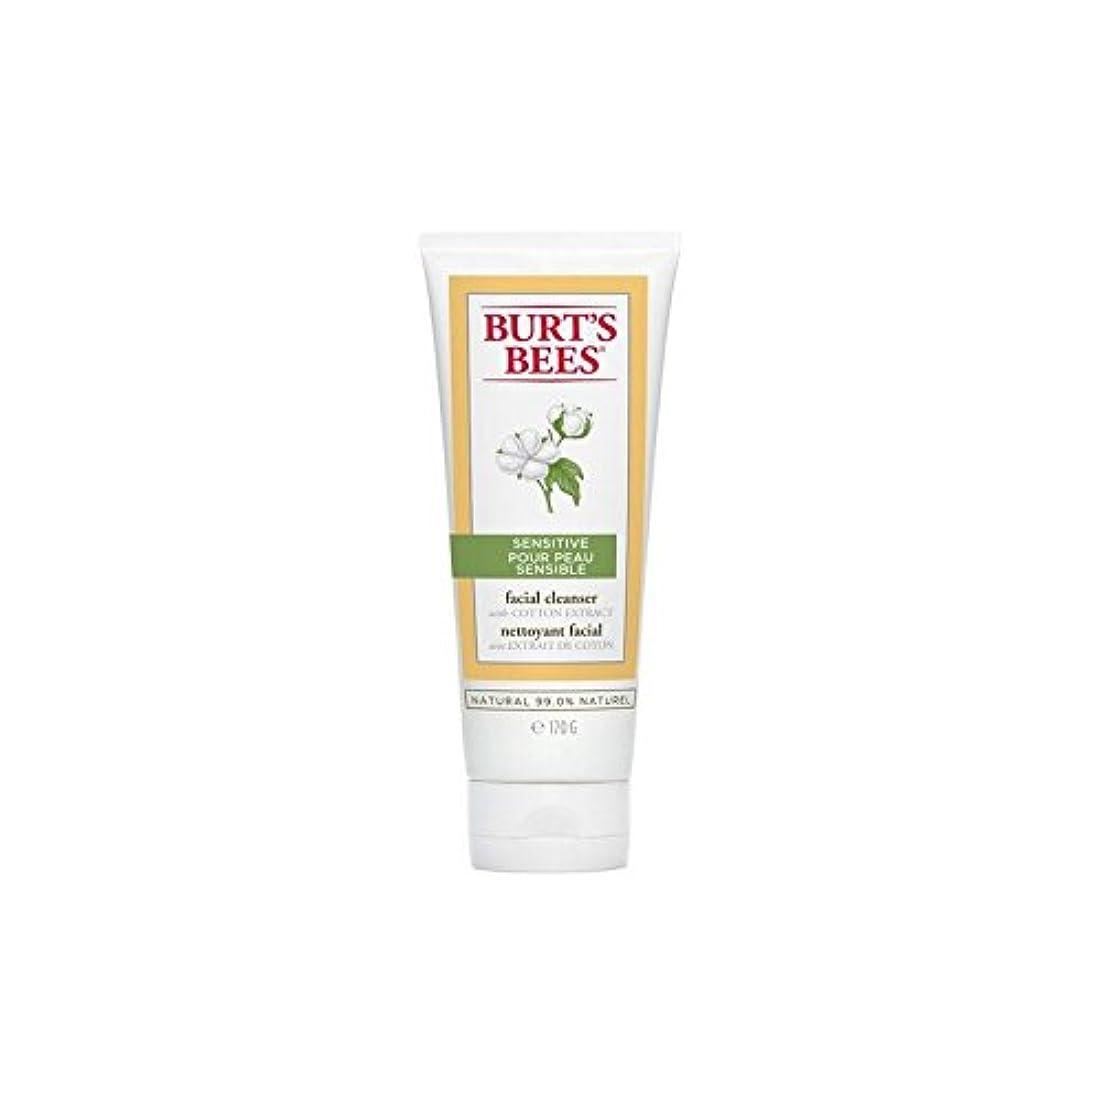 じゃがいもスペースクラウドバーツビー敏感な洗顔料の170グラム x4 - Burt's Bees Sensitive Facial Cleanser 170G (Pack of 4) [並行輸入品]